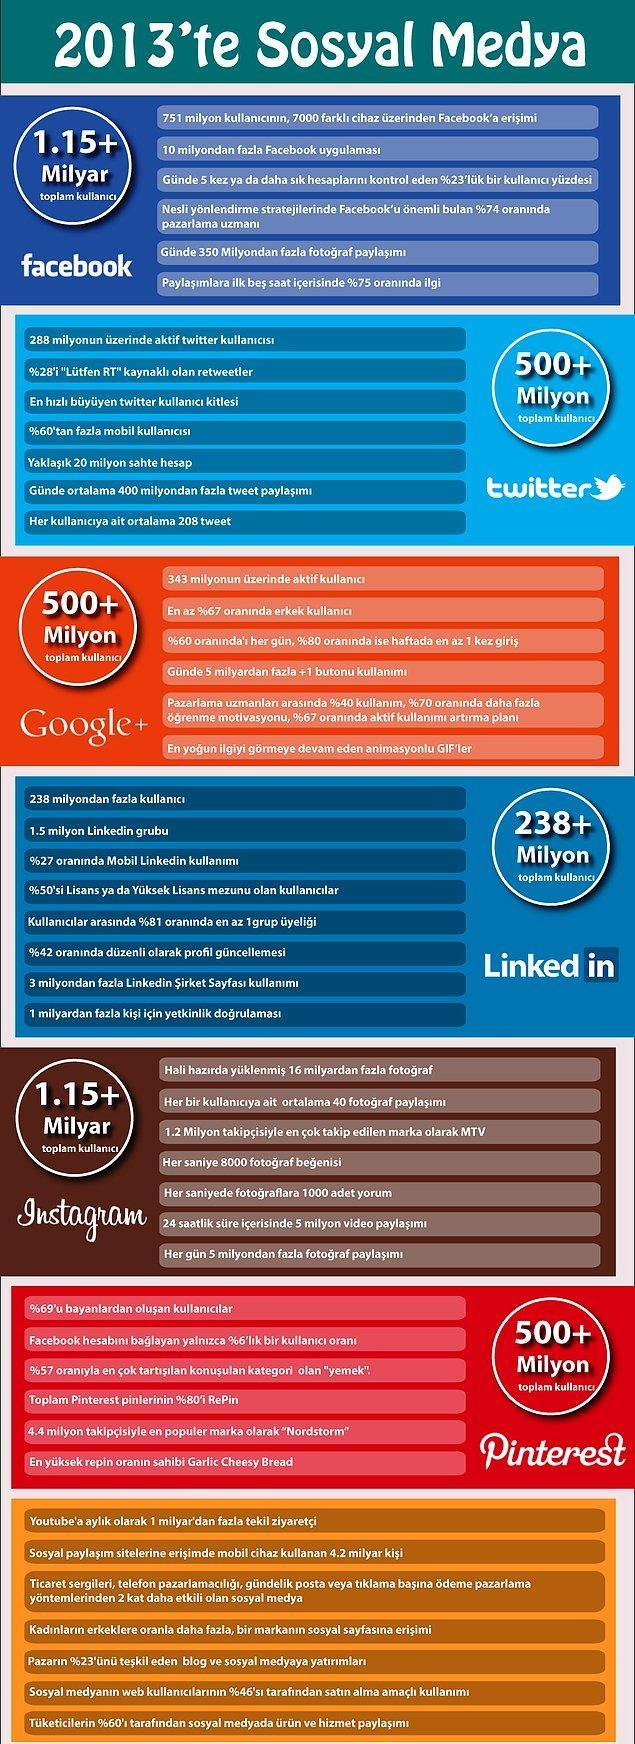 İlginç Bilgiler İle Sosyal Medya